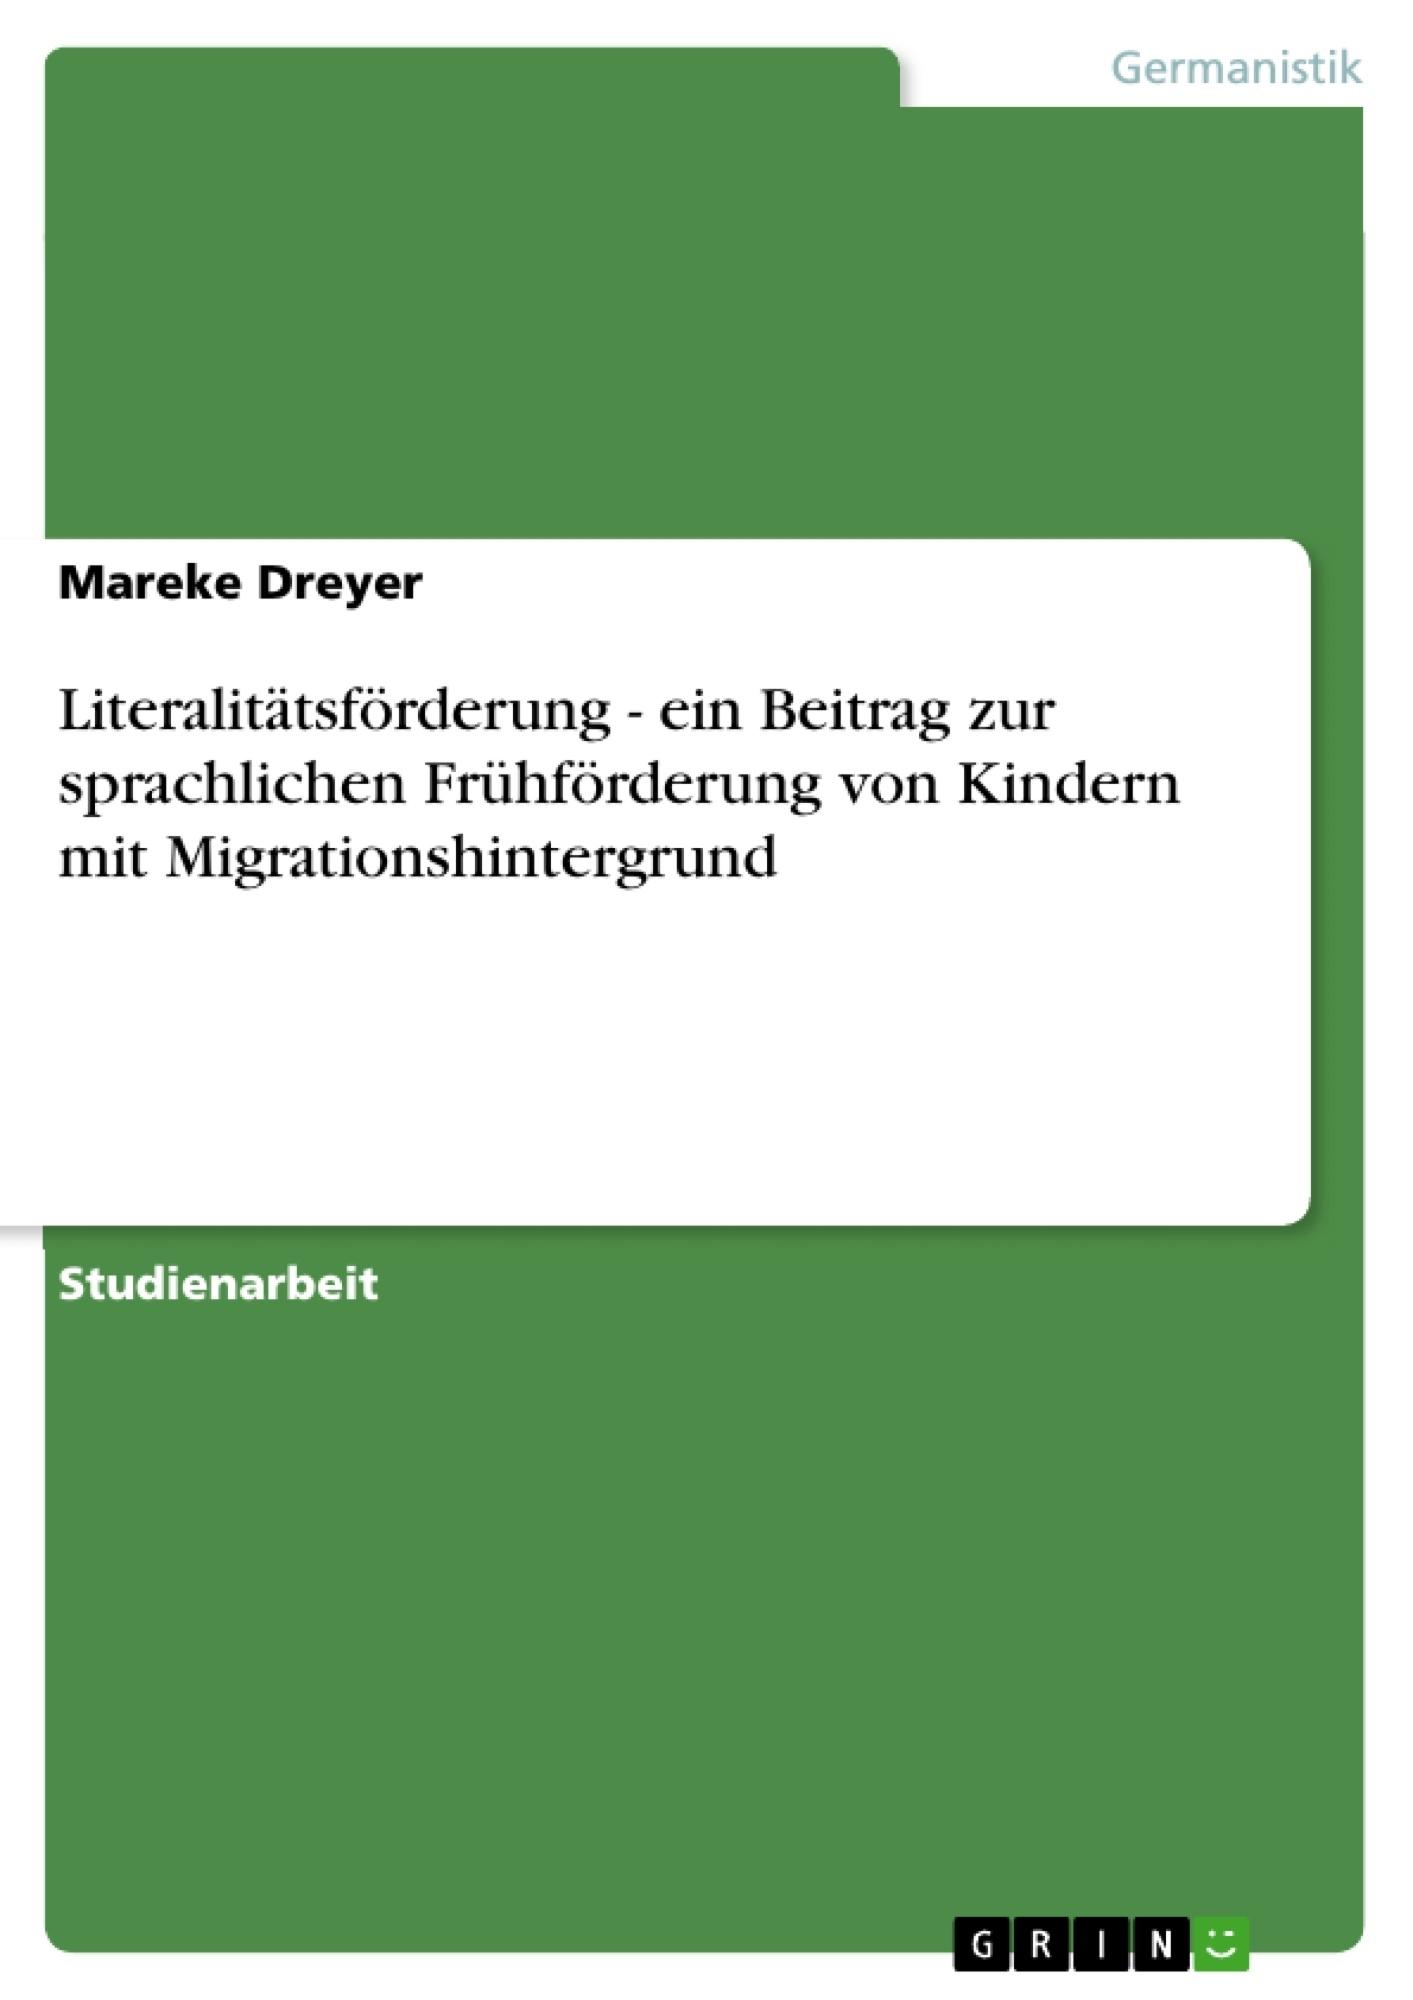 Titel: Literalitätsförderung - ein Beitrag zur sprachlichen Frühförderung von Kindern mit Migrationshintergrund